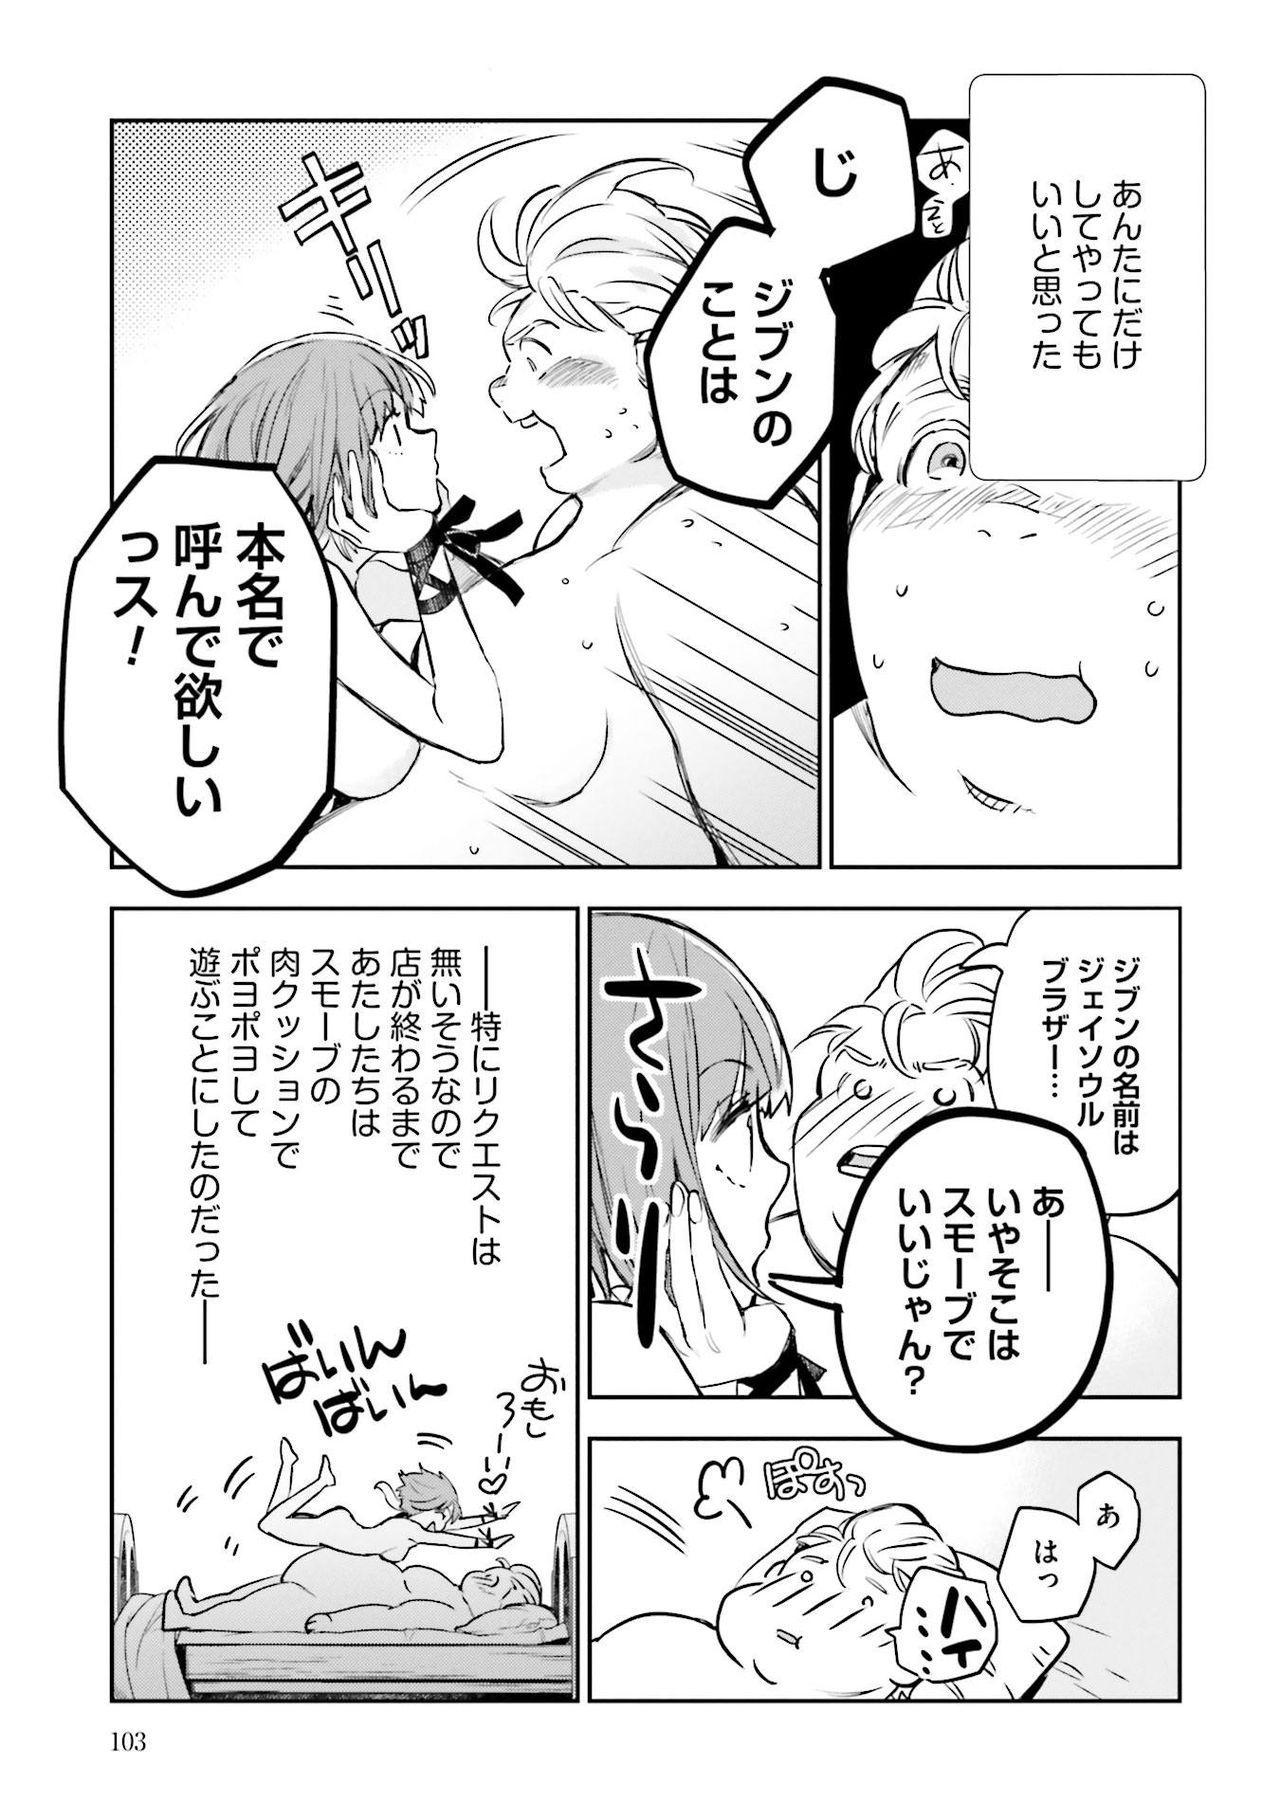 JK Haru wa Isekai de Shoufu ni Natta 1-14 291